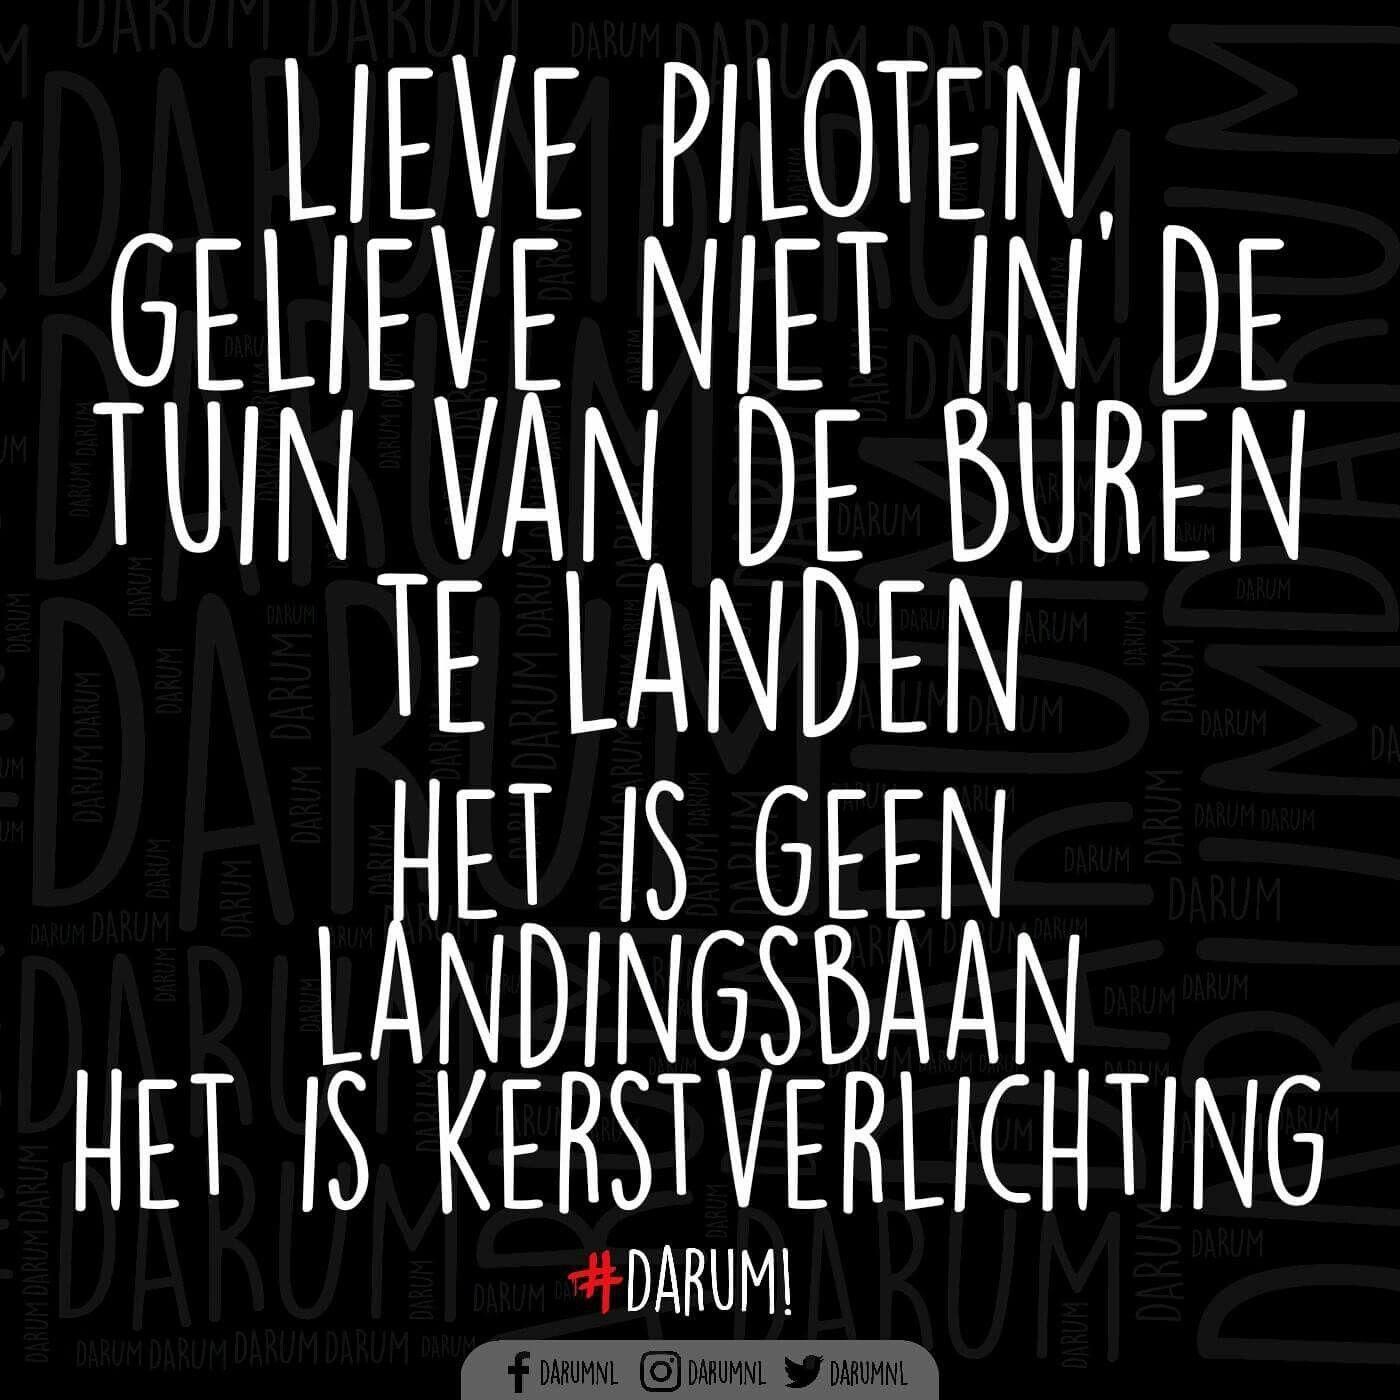 Citaten Grappig Xi : Alvast bedankt nederlandse dutch quotes pinterest